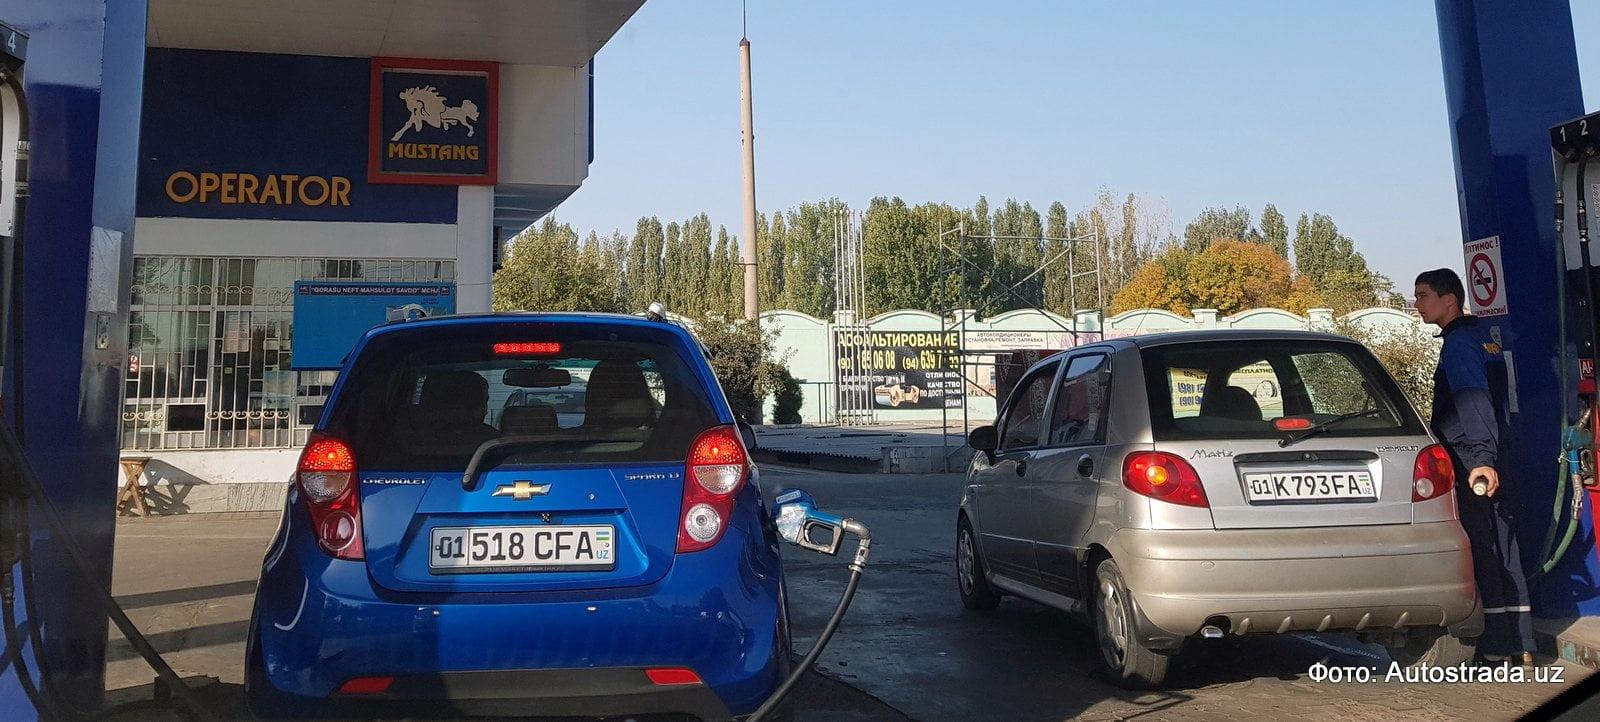 Автомобили на заправке Мустанг в Ташкенте заправляются бензином после повышения цен